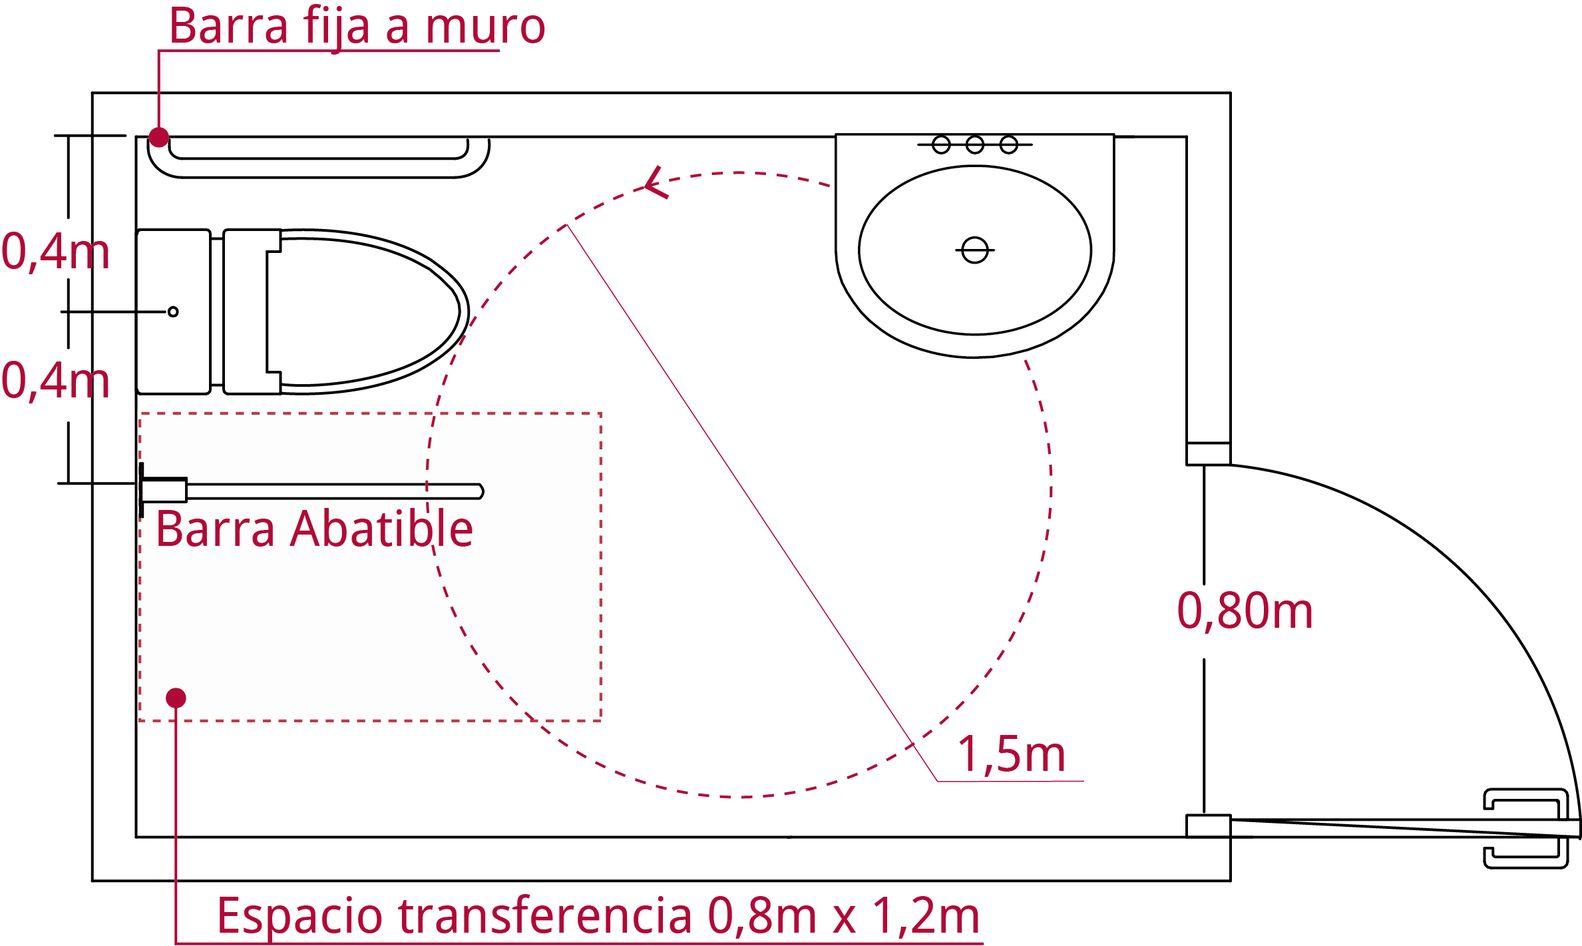 Galeria De Descarga Esta Didactica Interpretacion Grafica De La